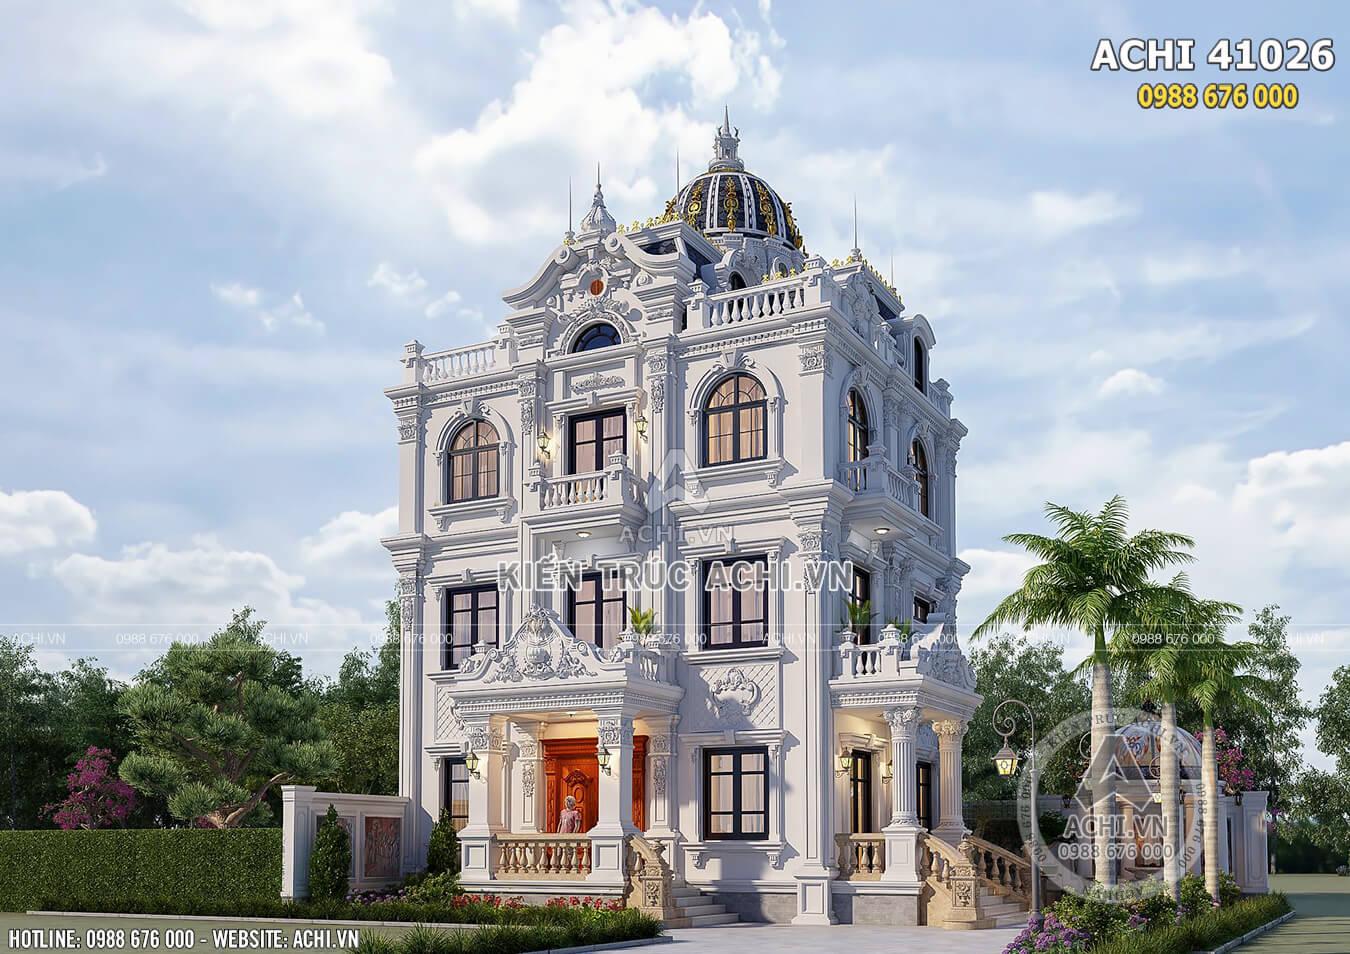 Thiết kế nhà 4 tầng tân cổ điển đẹp 100m2 tại Thái Bình - ACHI 41026